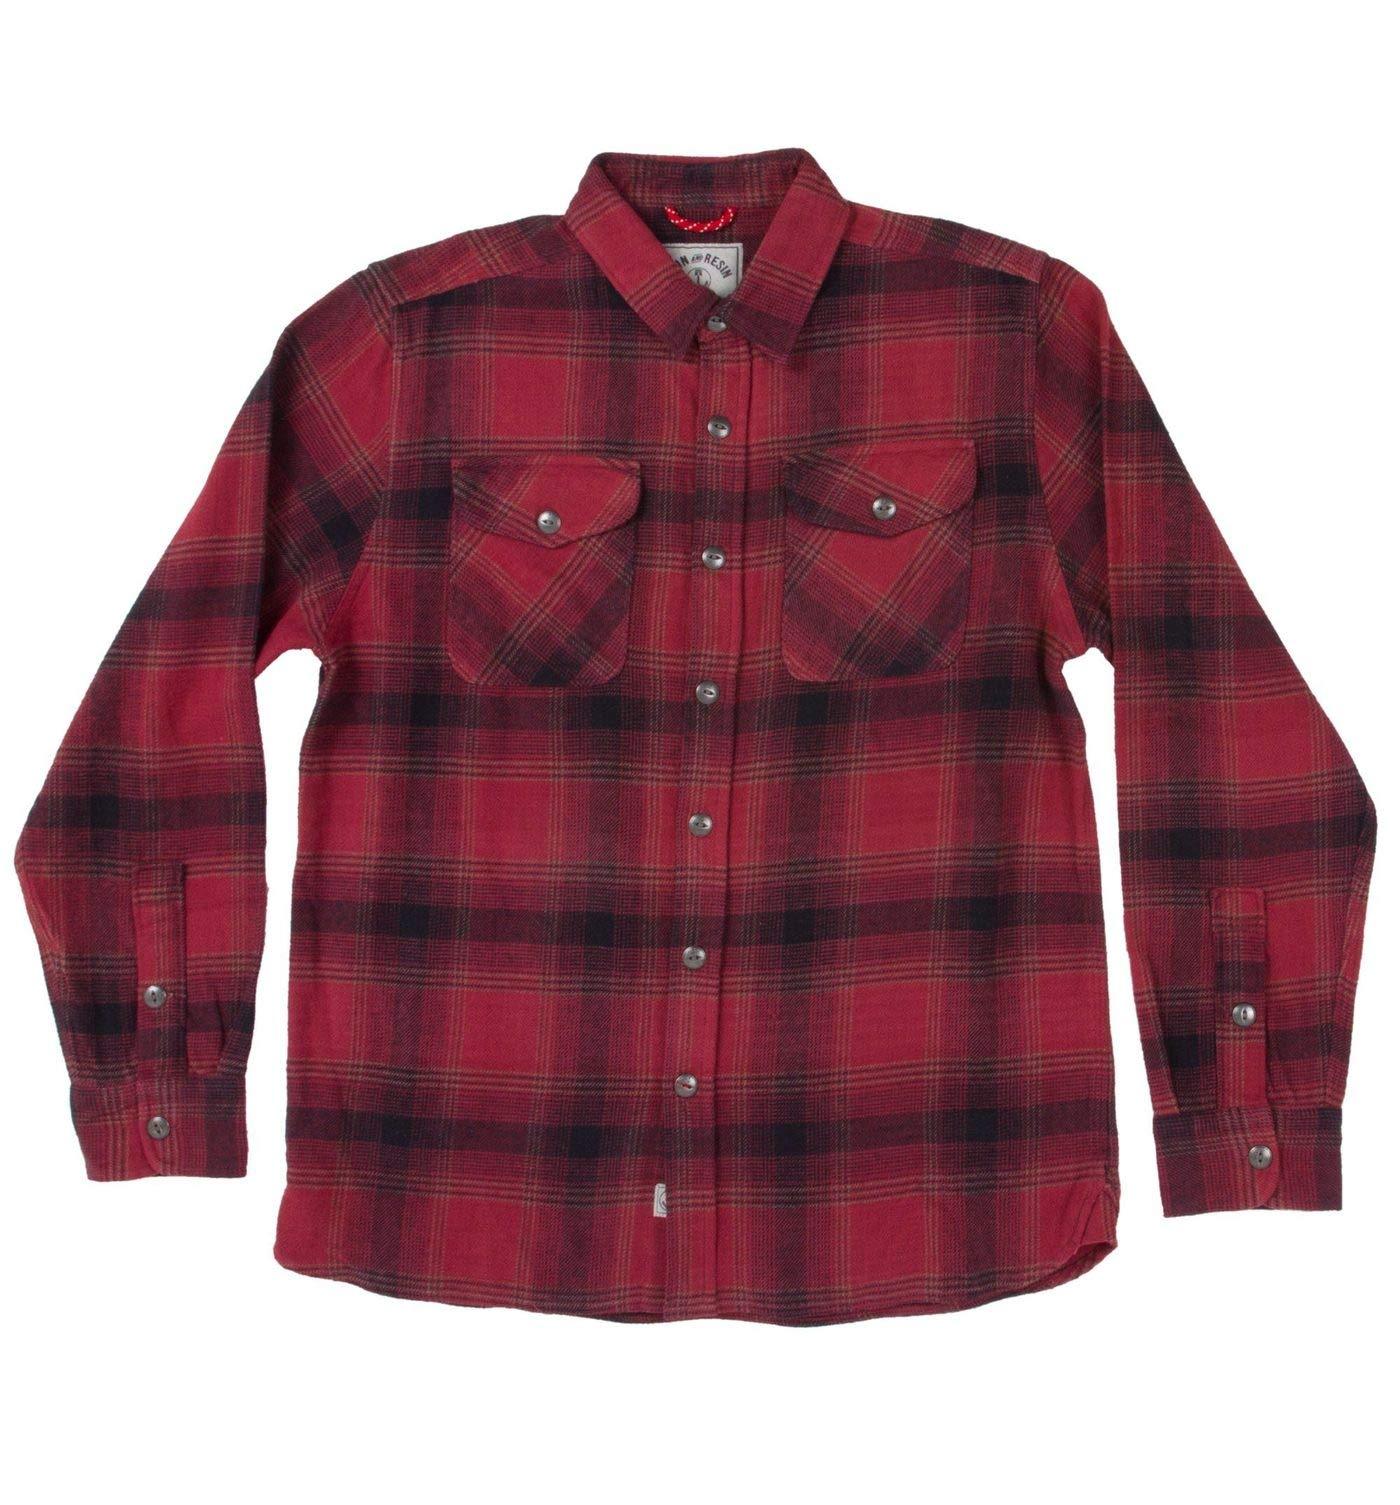 Camisa de Franela de Hierro y Resina Rockland, S, Sangre de Toro: Amazon.es: Deportes y aire libre